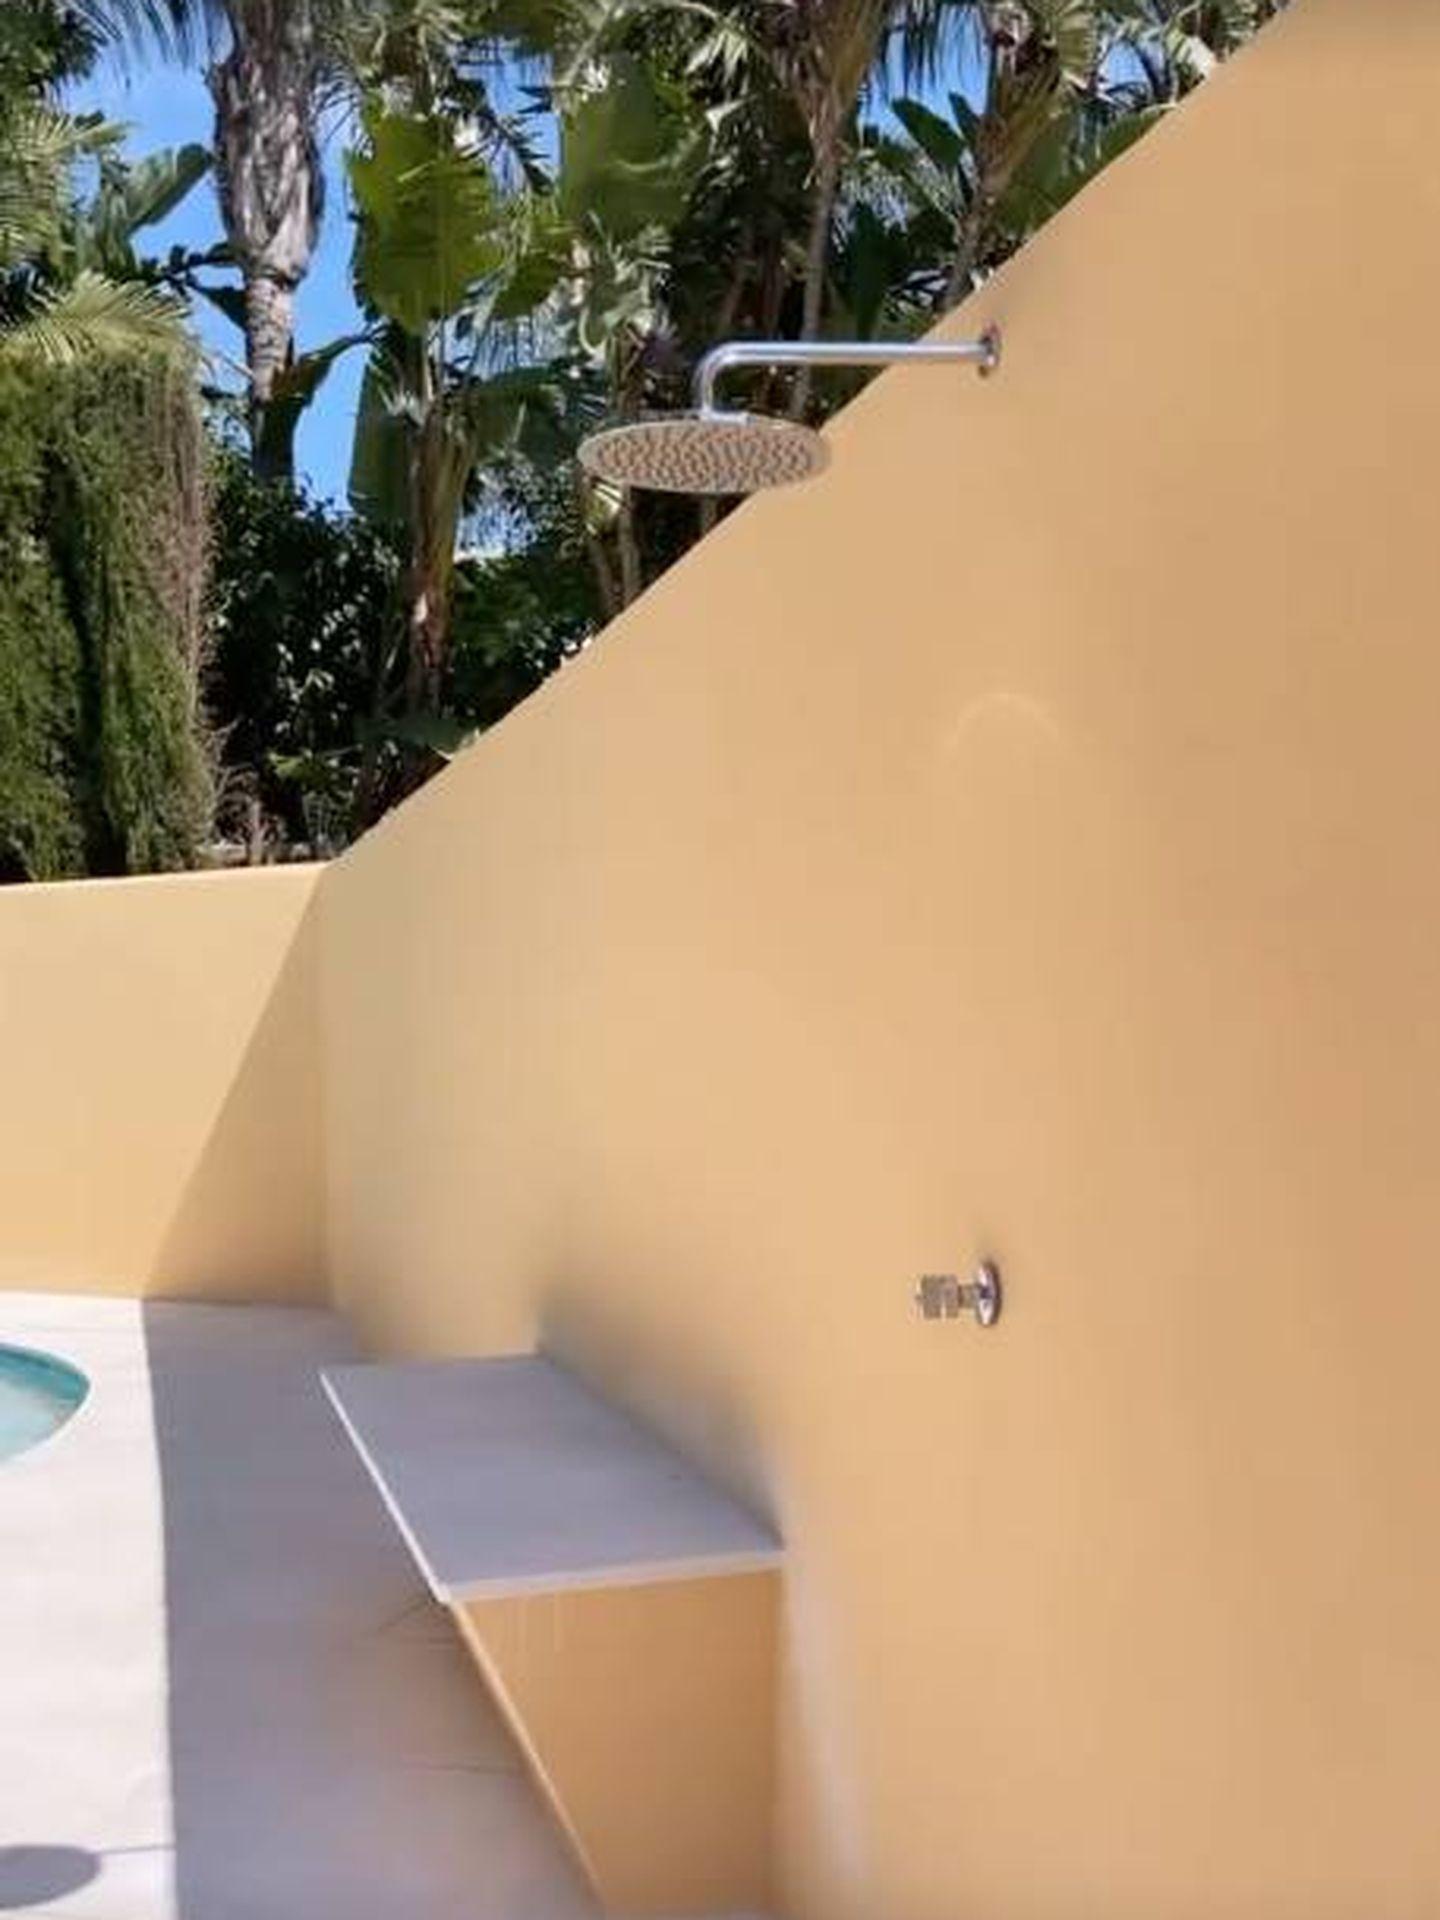 Una piscina a la que no le falta un detalle. (Instagram @rocio0sorno)